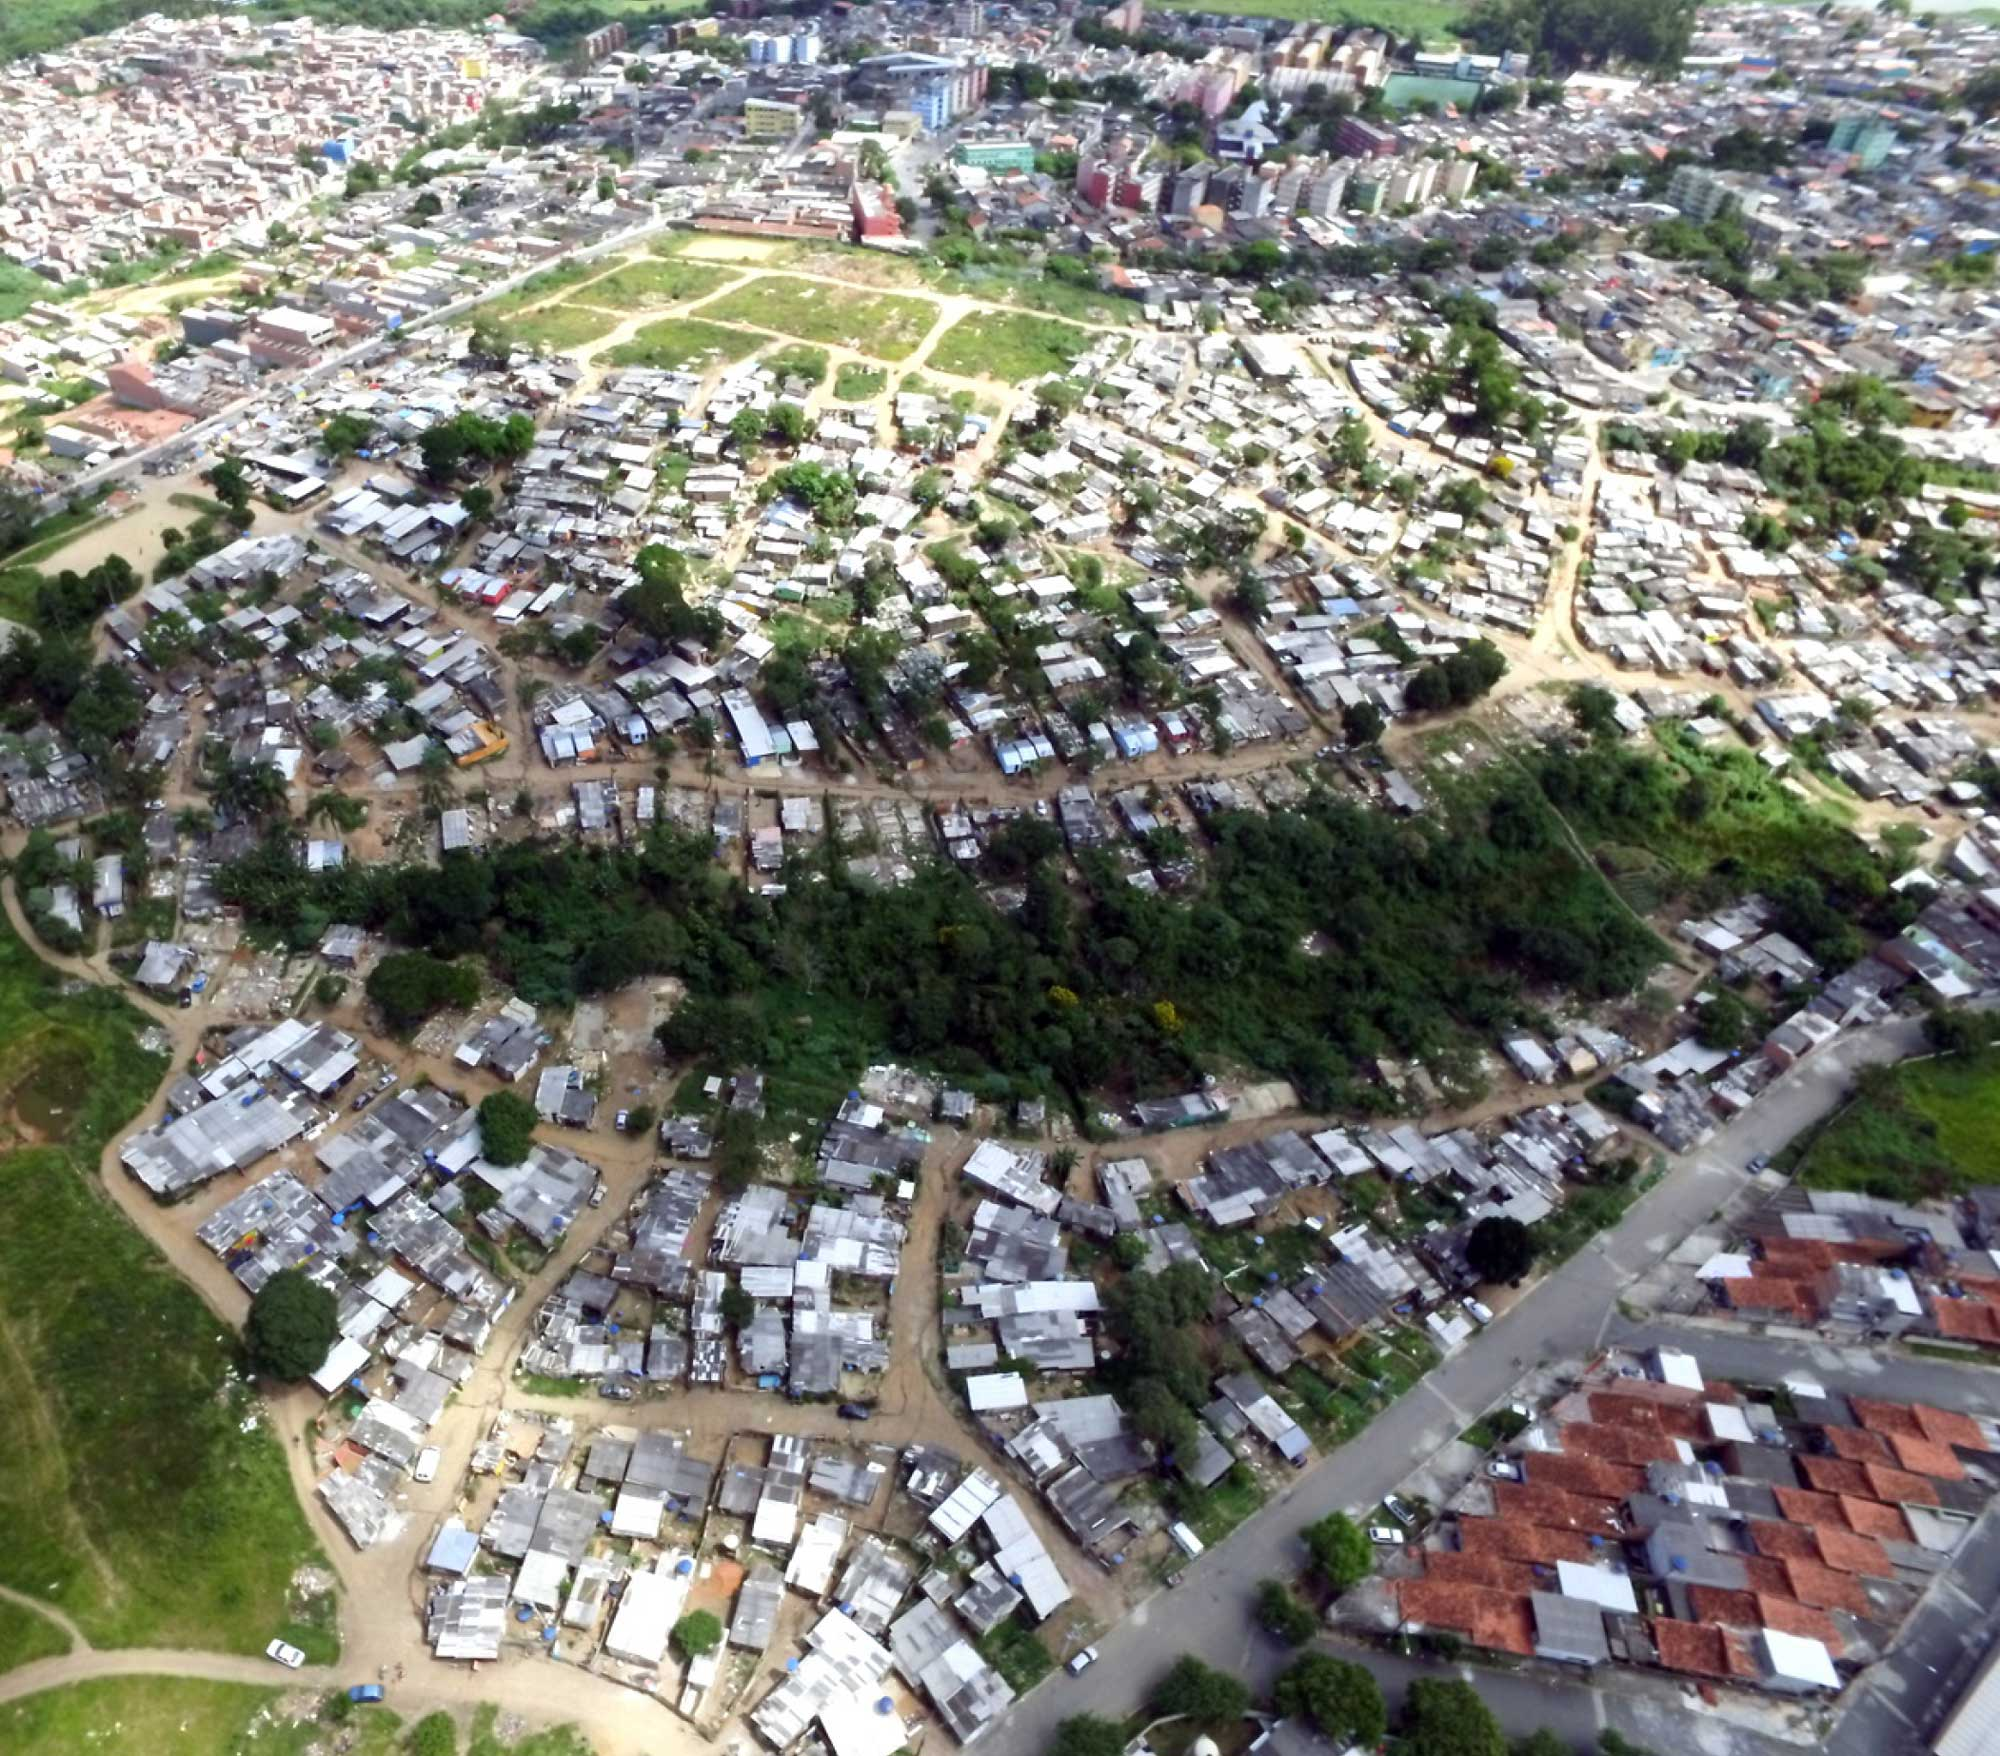 Vista aérea de Ocupacão Anchieta, en Sao Paulo, Brasil, donde estudiantes de Universidad de Michigan trabajaron con miembros de la comunidad en la Crédito de foto: Bruno Kelly y equipo Ocupação Anchieta Avança